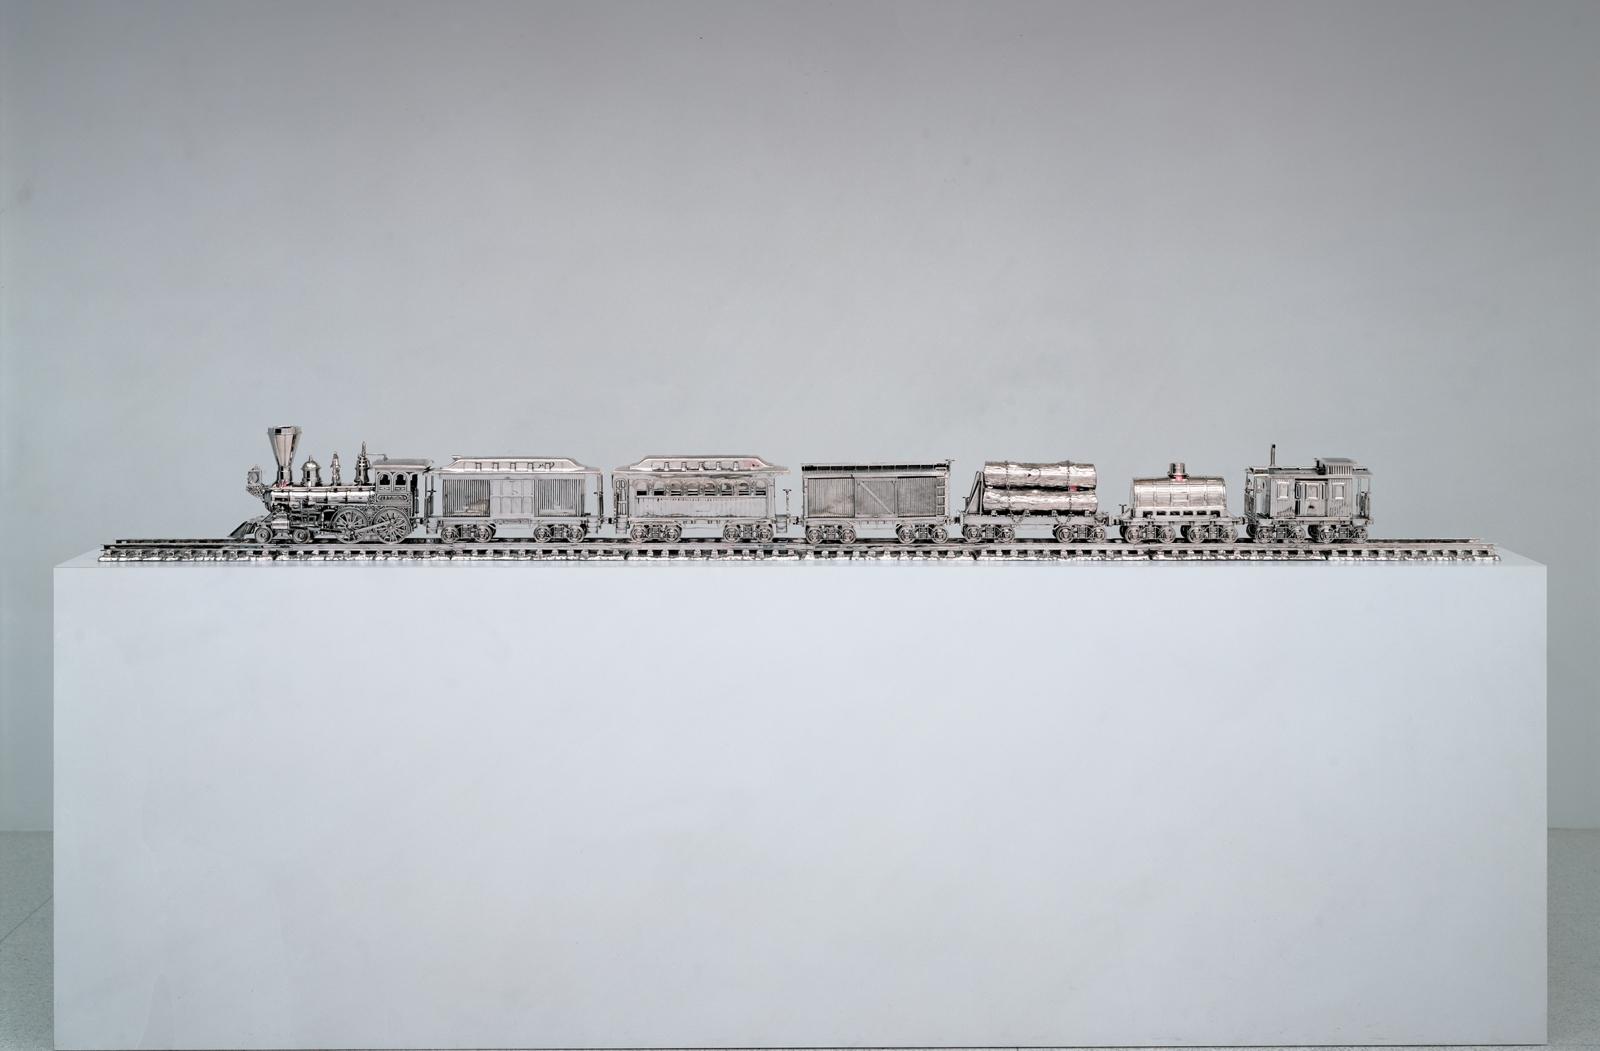 Jim Beam J.b. Turner Train image